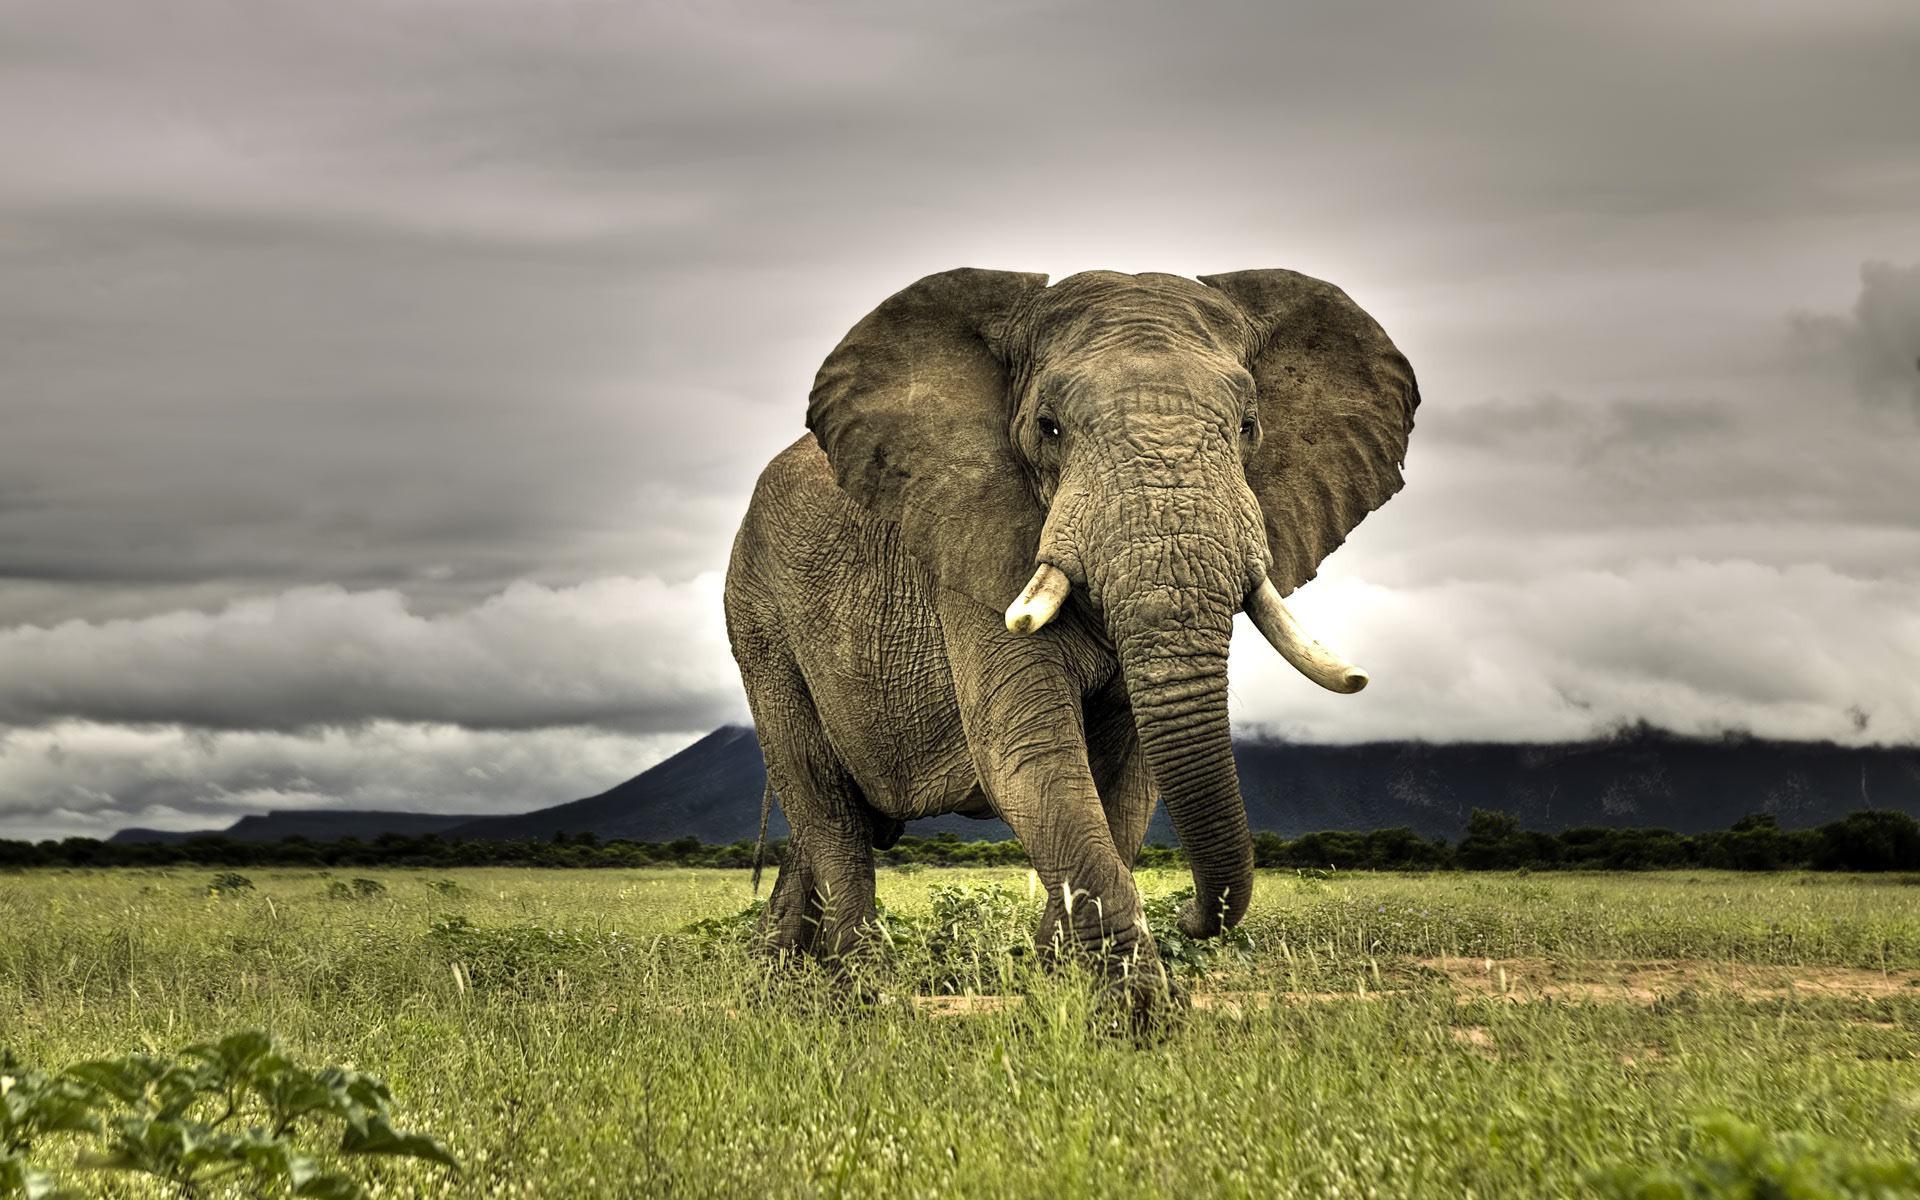 Hluluwe Wildlife - elephant